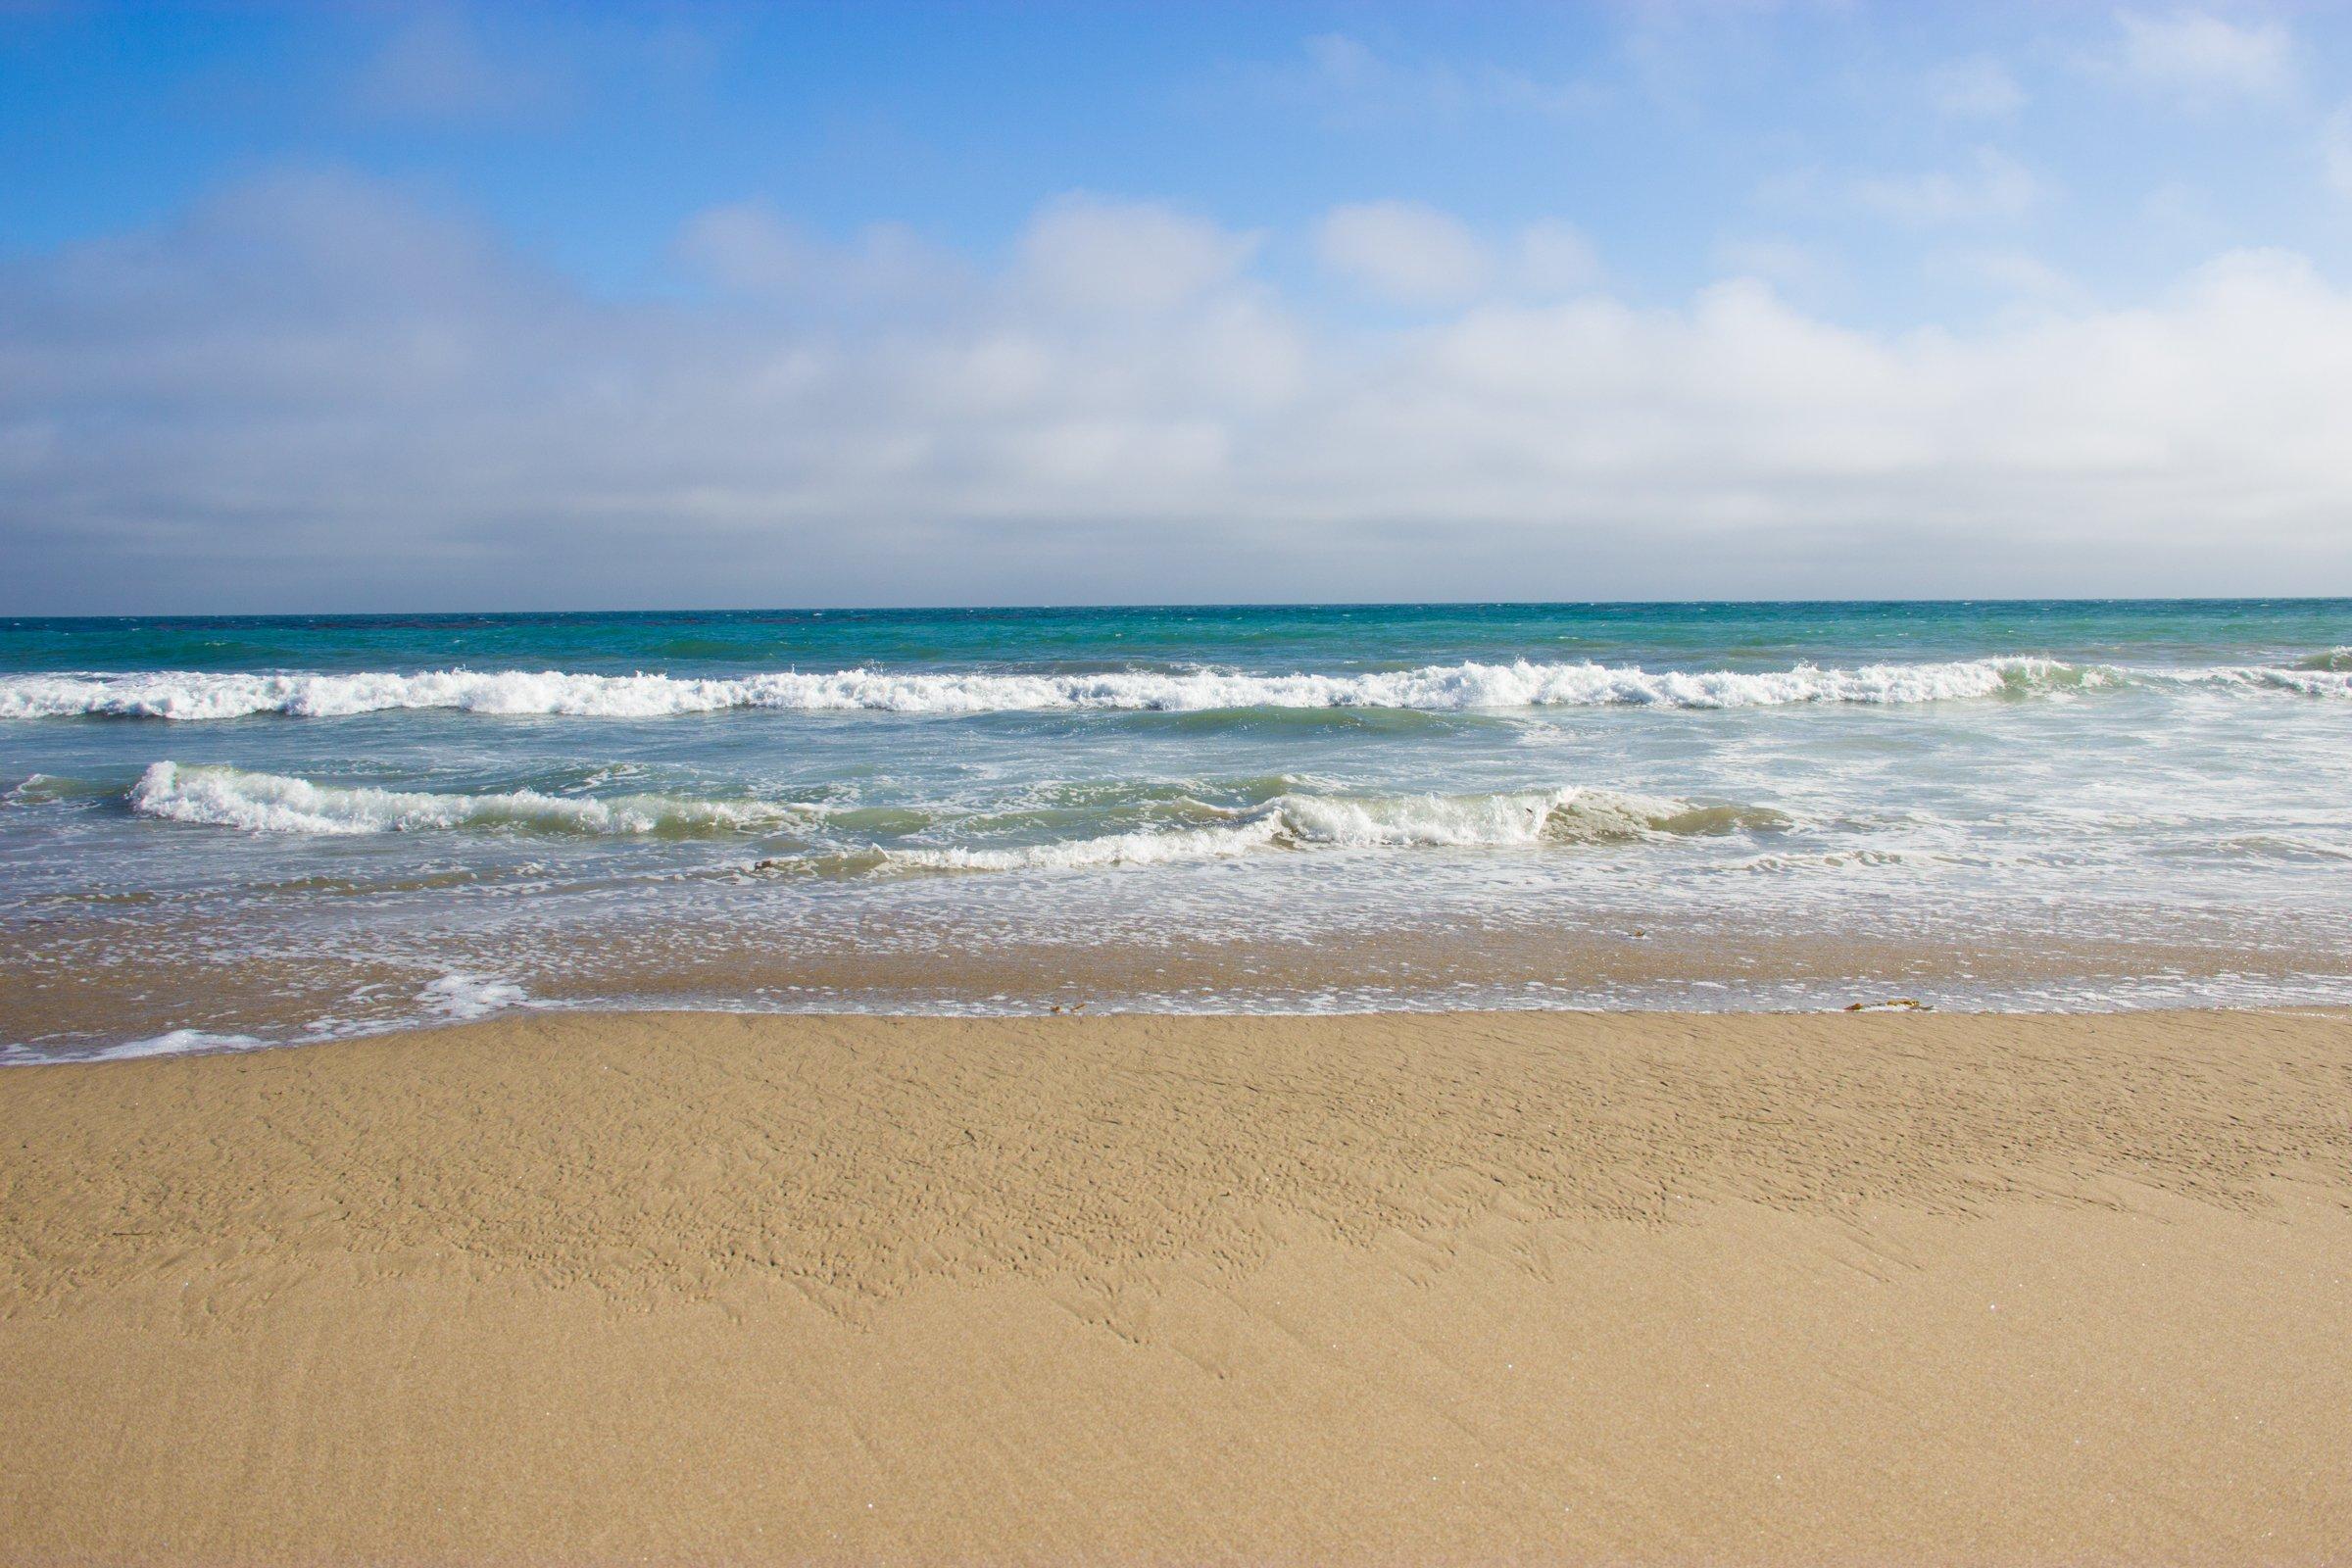 Ocean Waves on Beach Sand